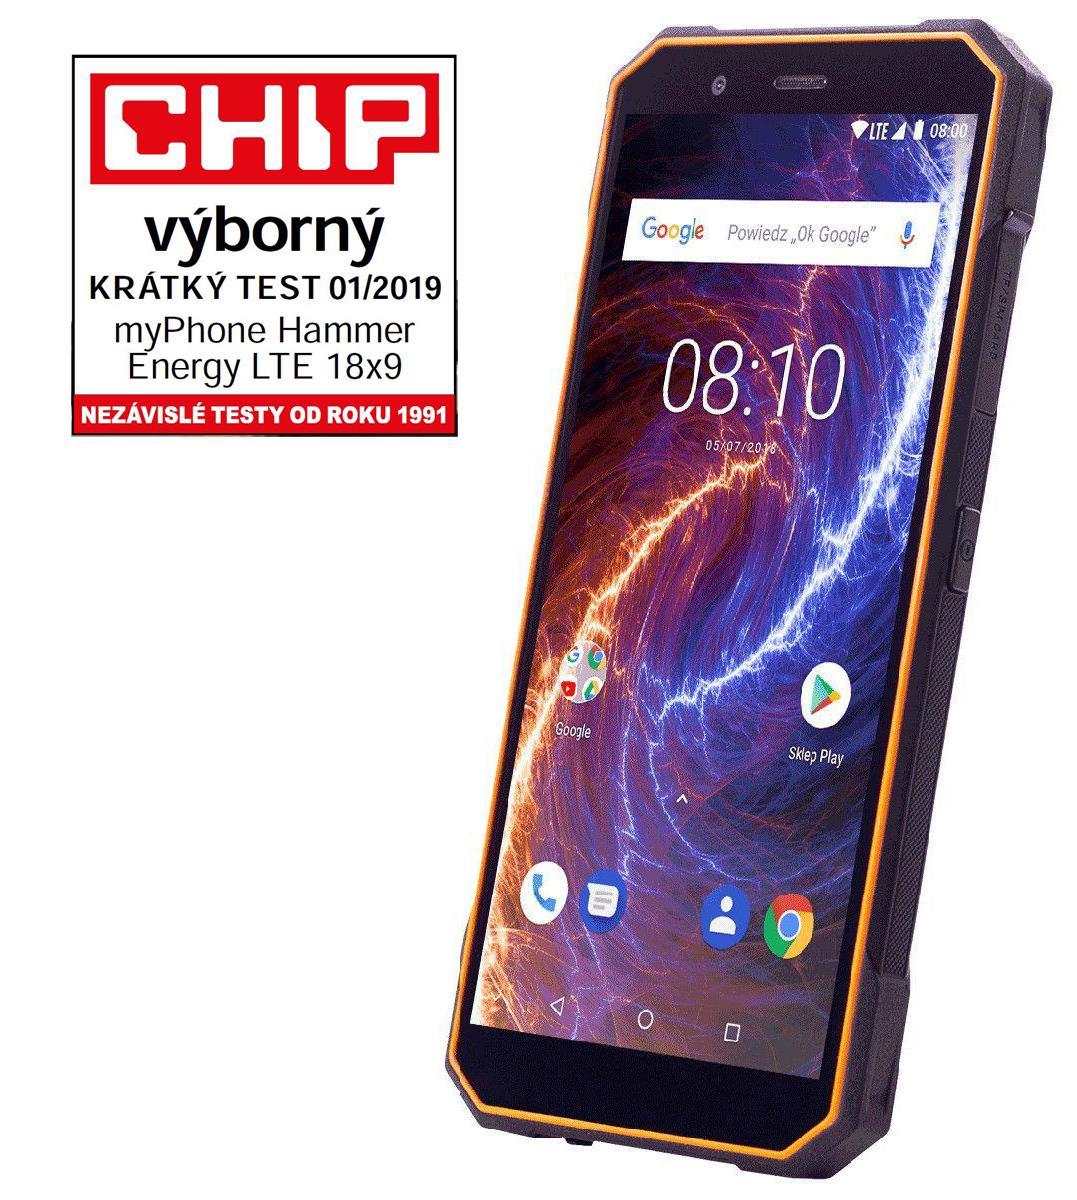 TELEFON DUAL SIM myPhone HAMMER ENERGY LTE 18x9 ORANŽOVO-ČERNÝ